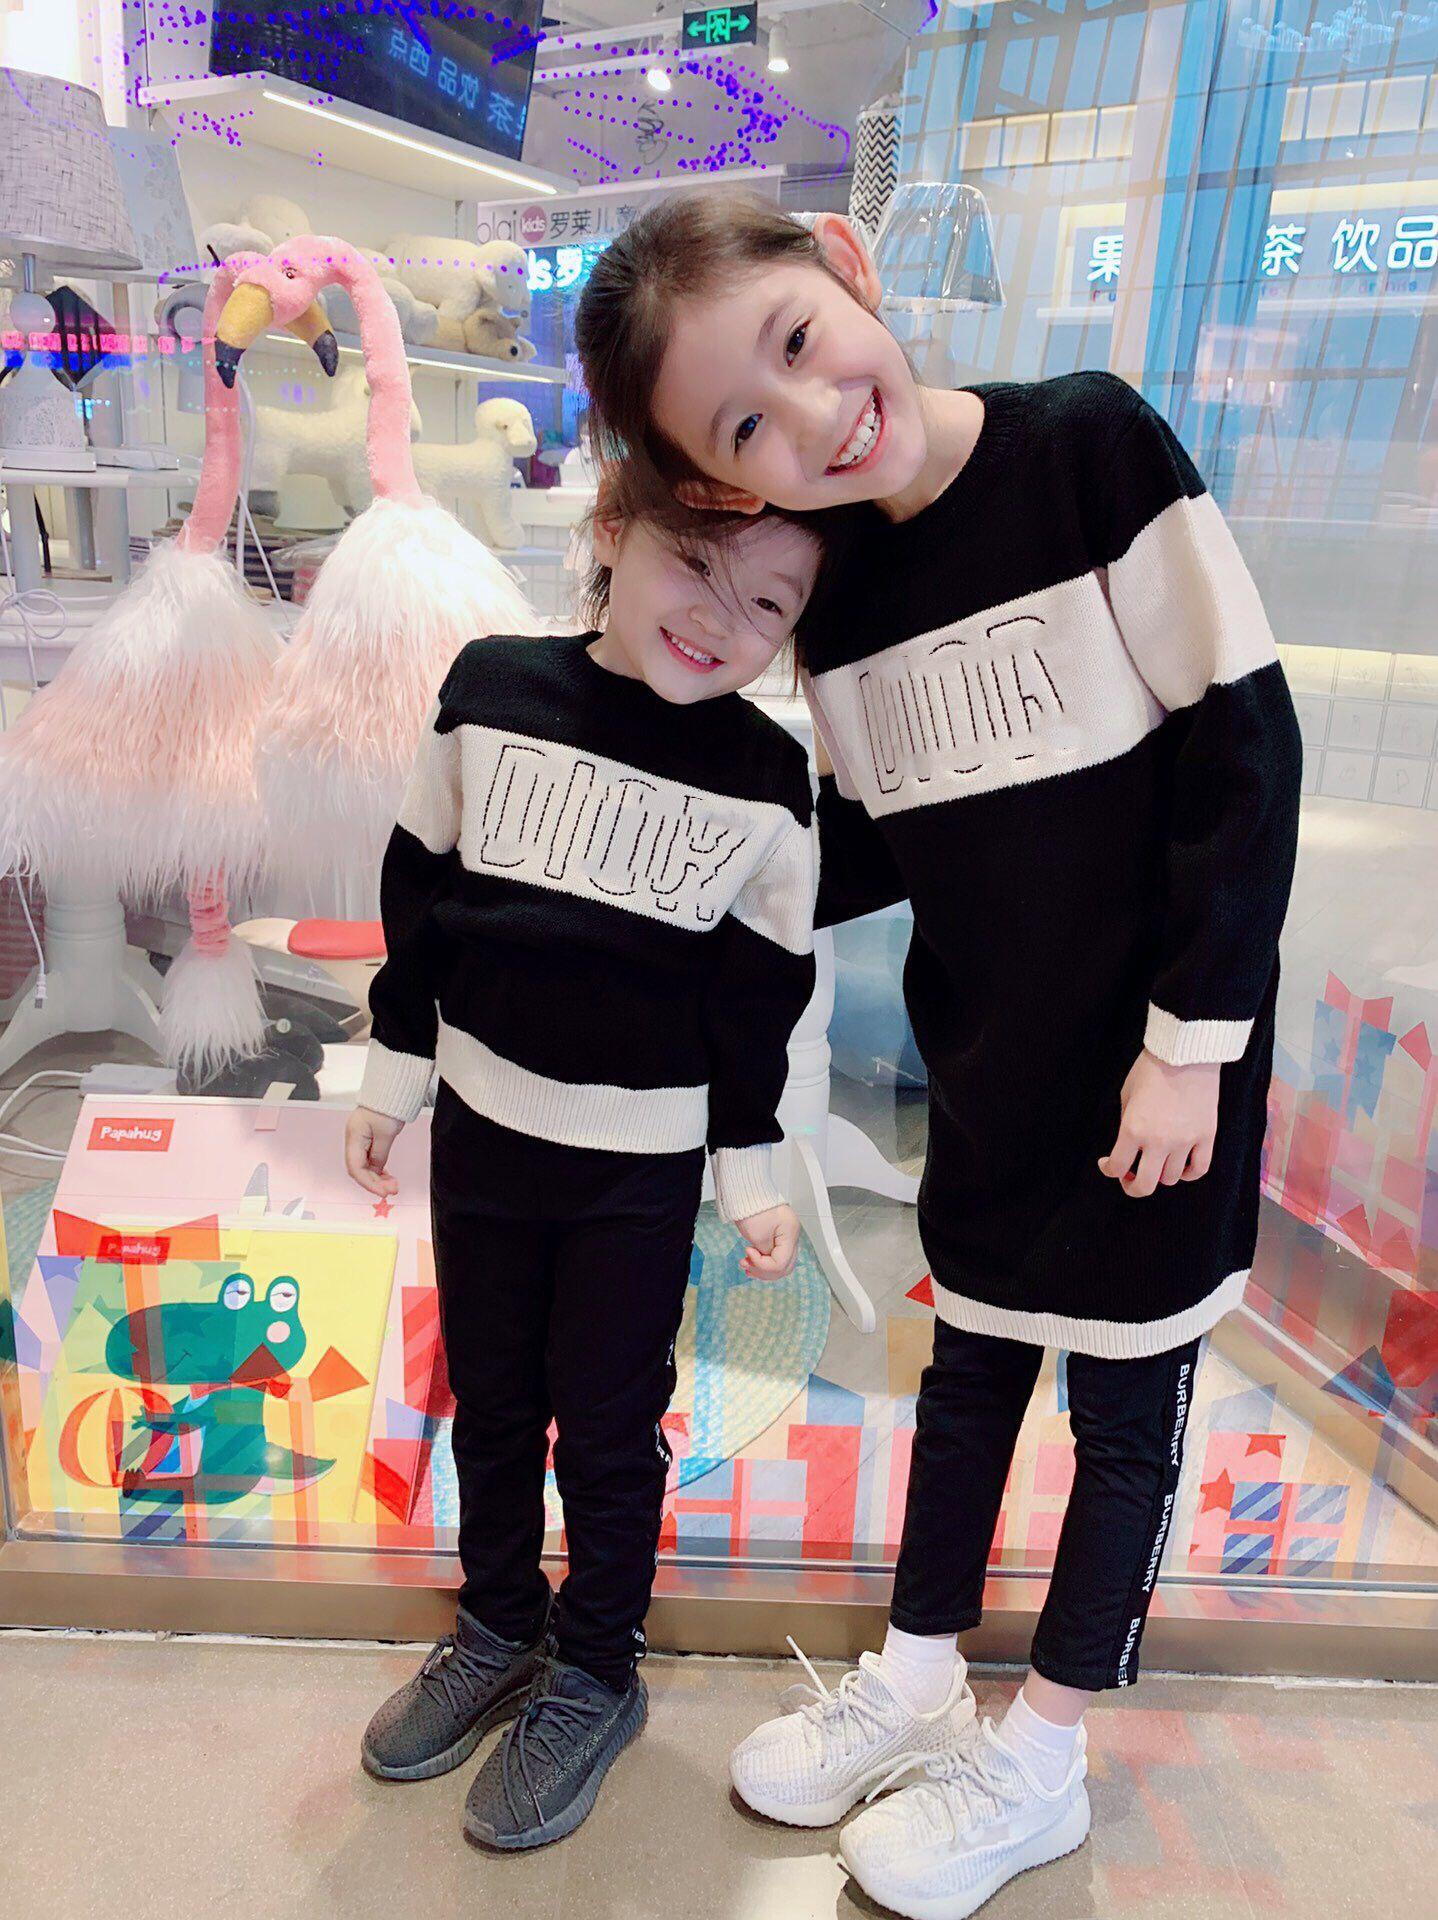 طفل حرية الملاحة جودة عالية الخريف فصل الشتاء البلوزات الفتيان والفتيات البلوفرات سترة اللباس ل2-12 سنة